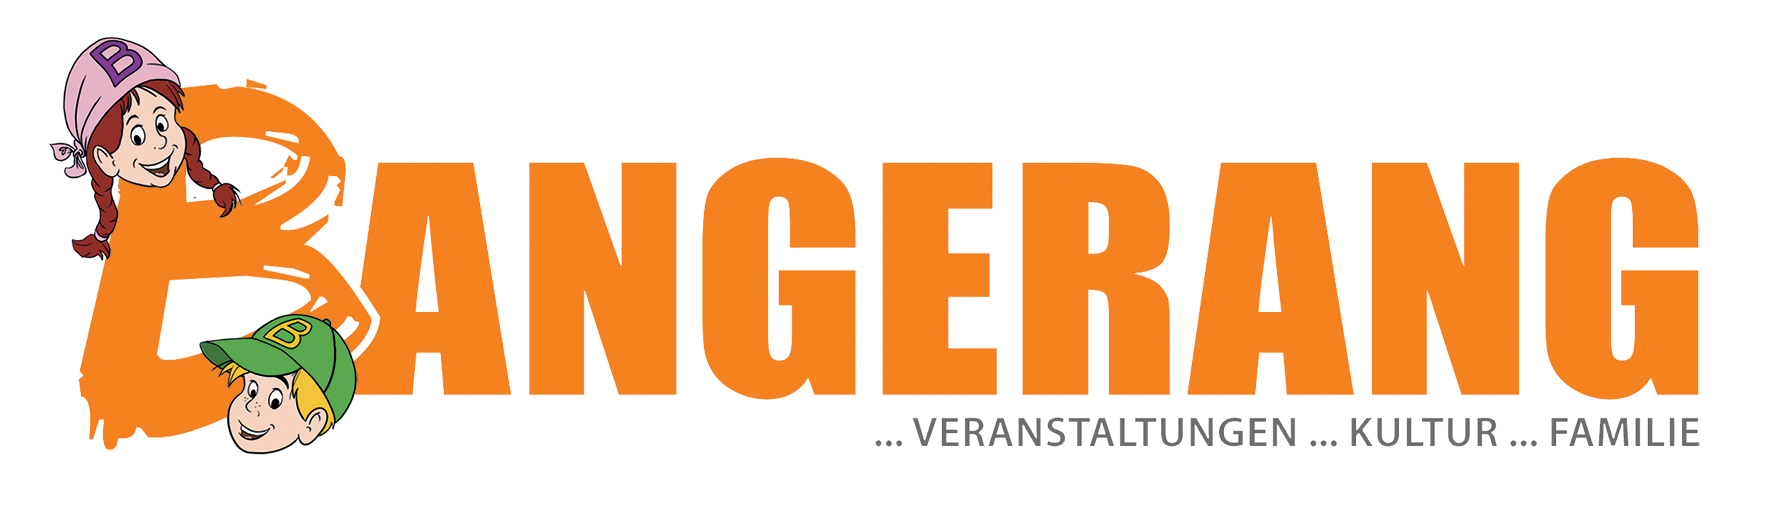 BANGERANG_Logo_2015_frei